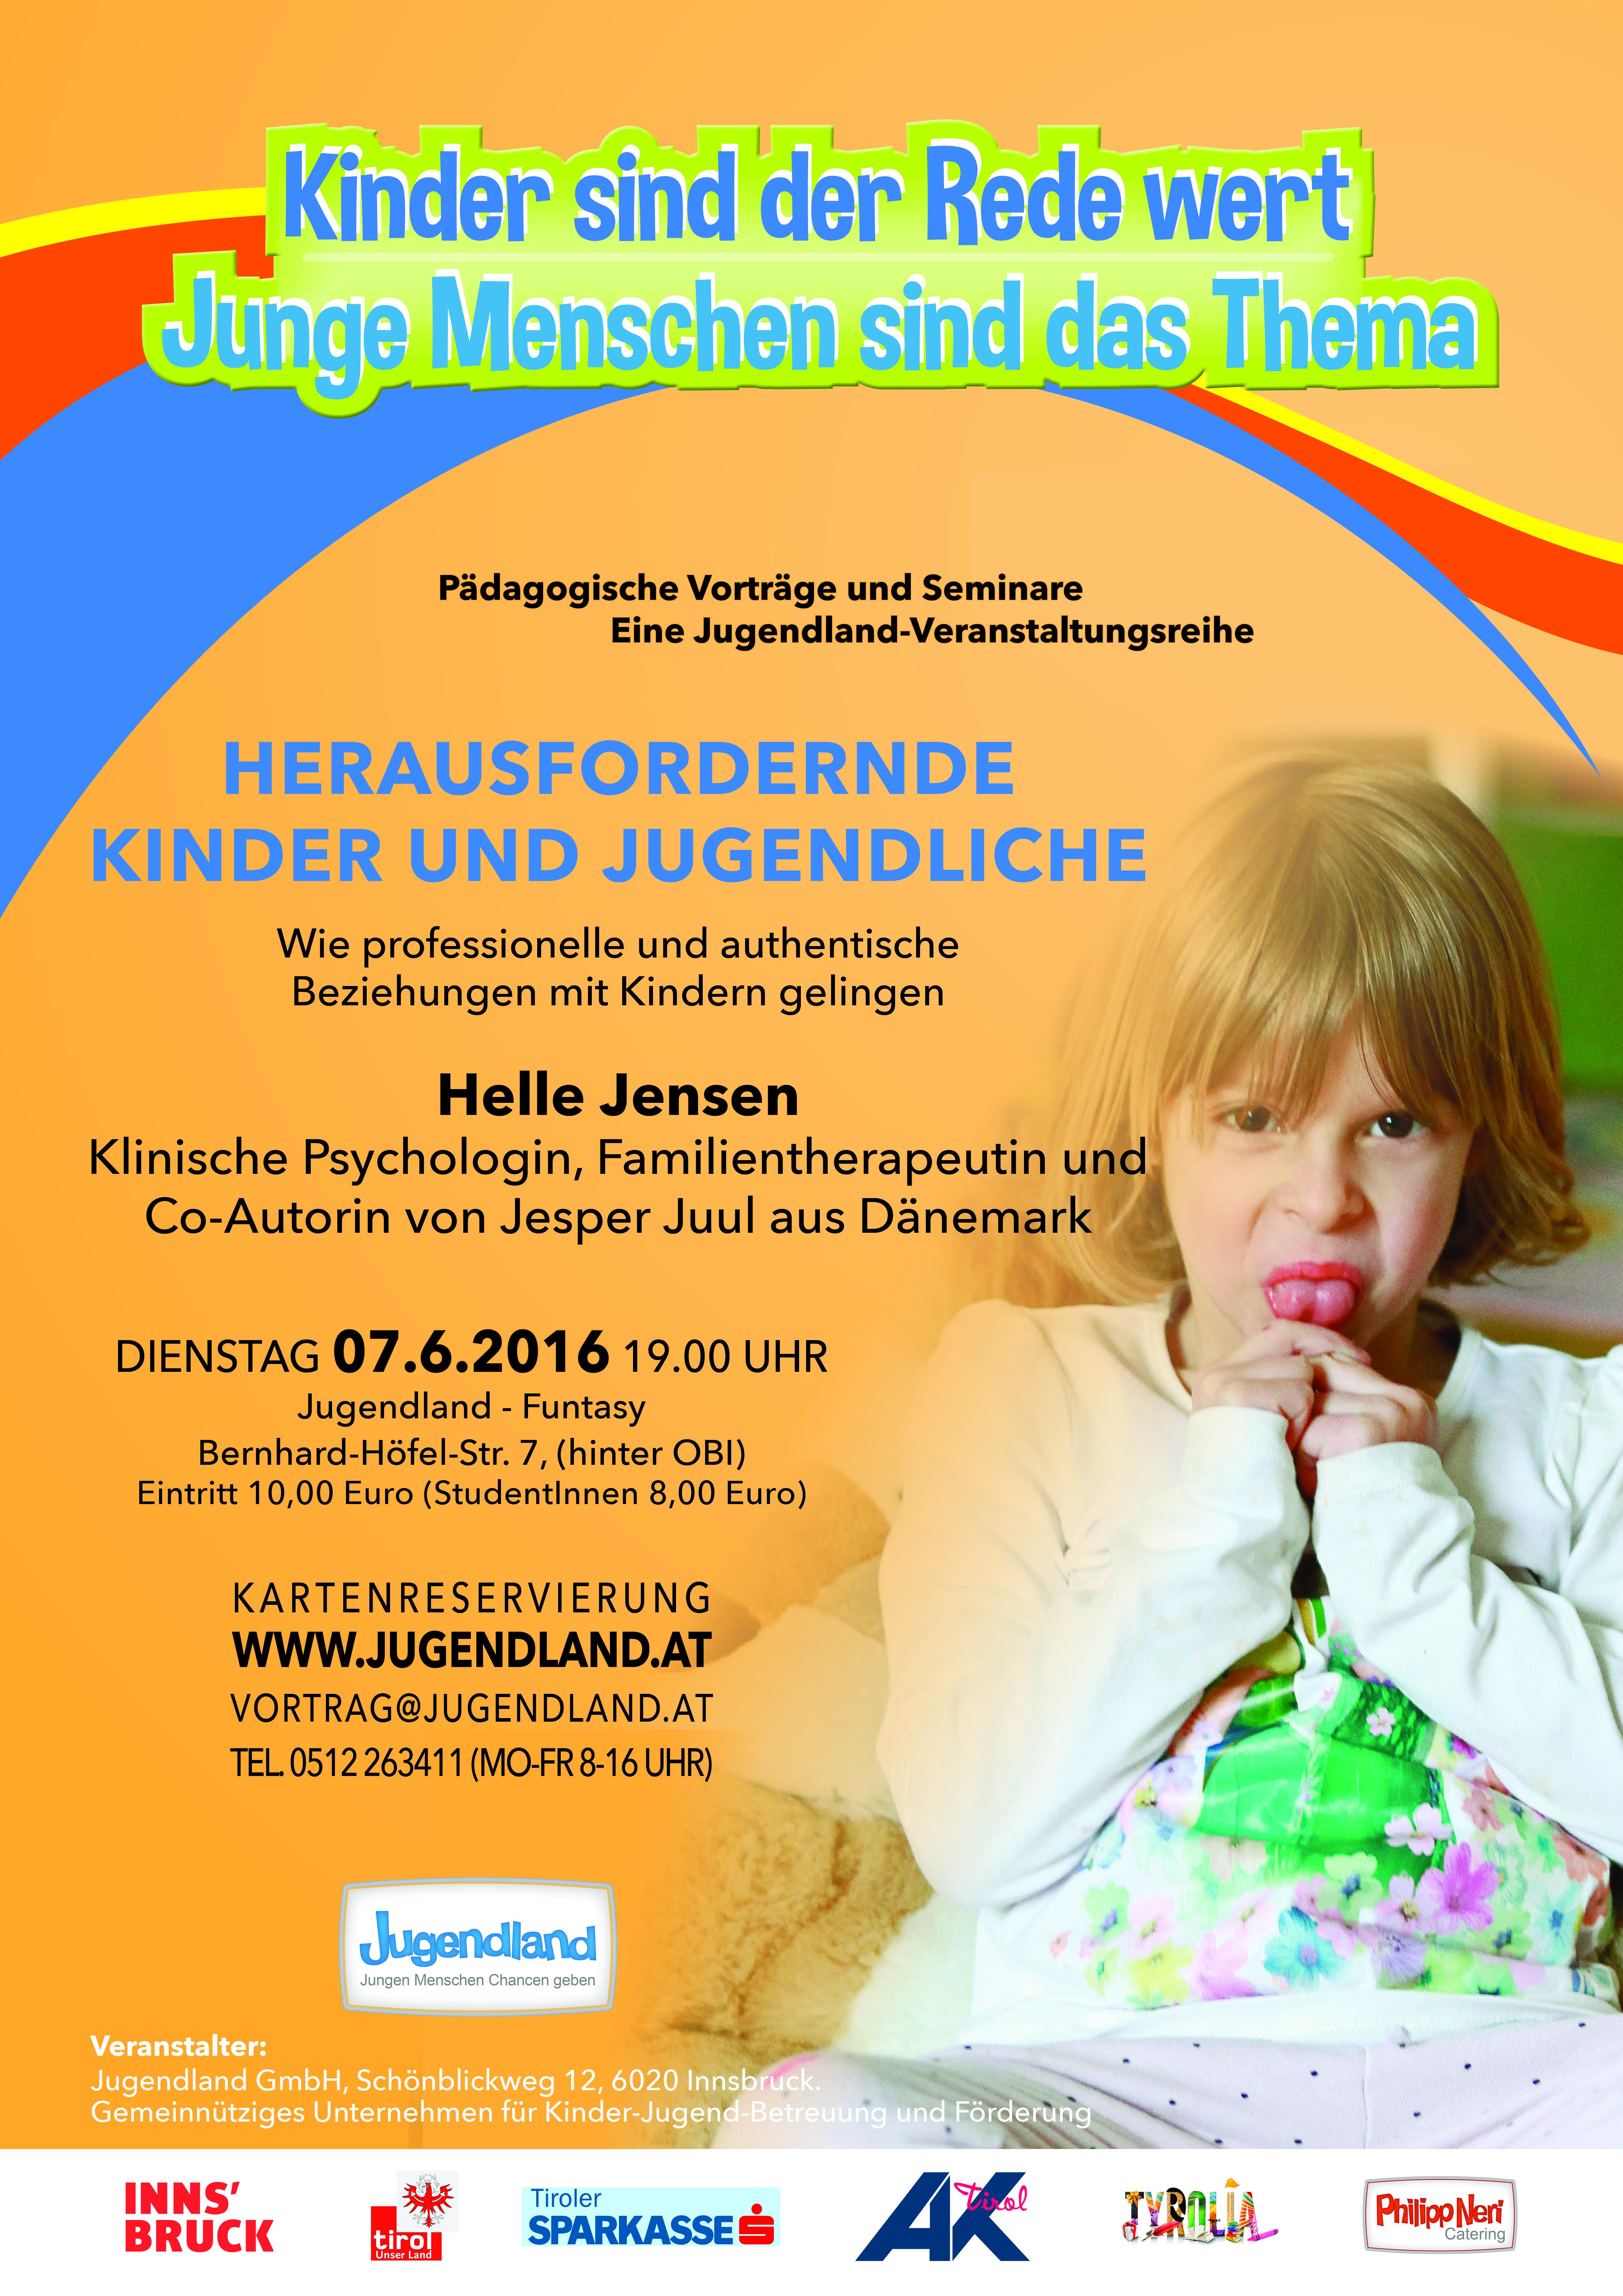 A2_Plakat_Kinder sind der Rede wert_2016_Vortrag Jensen